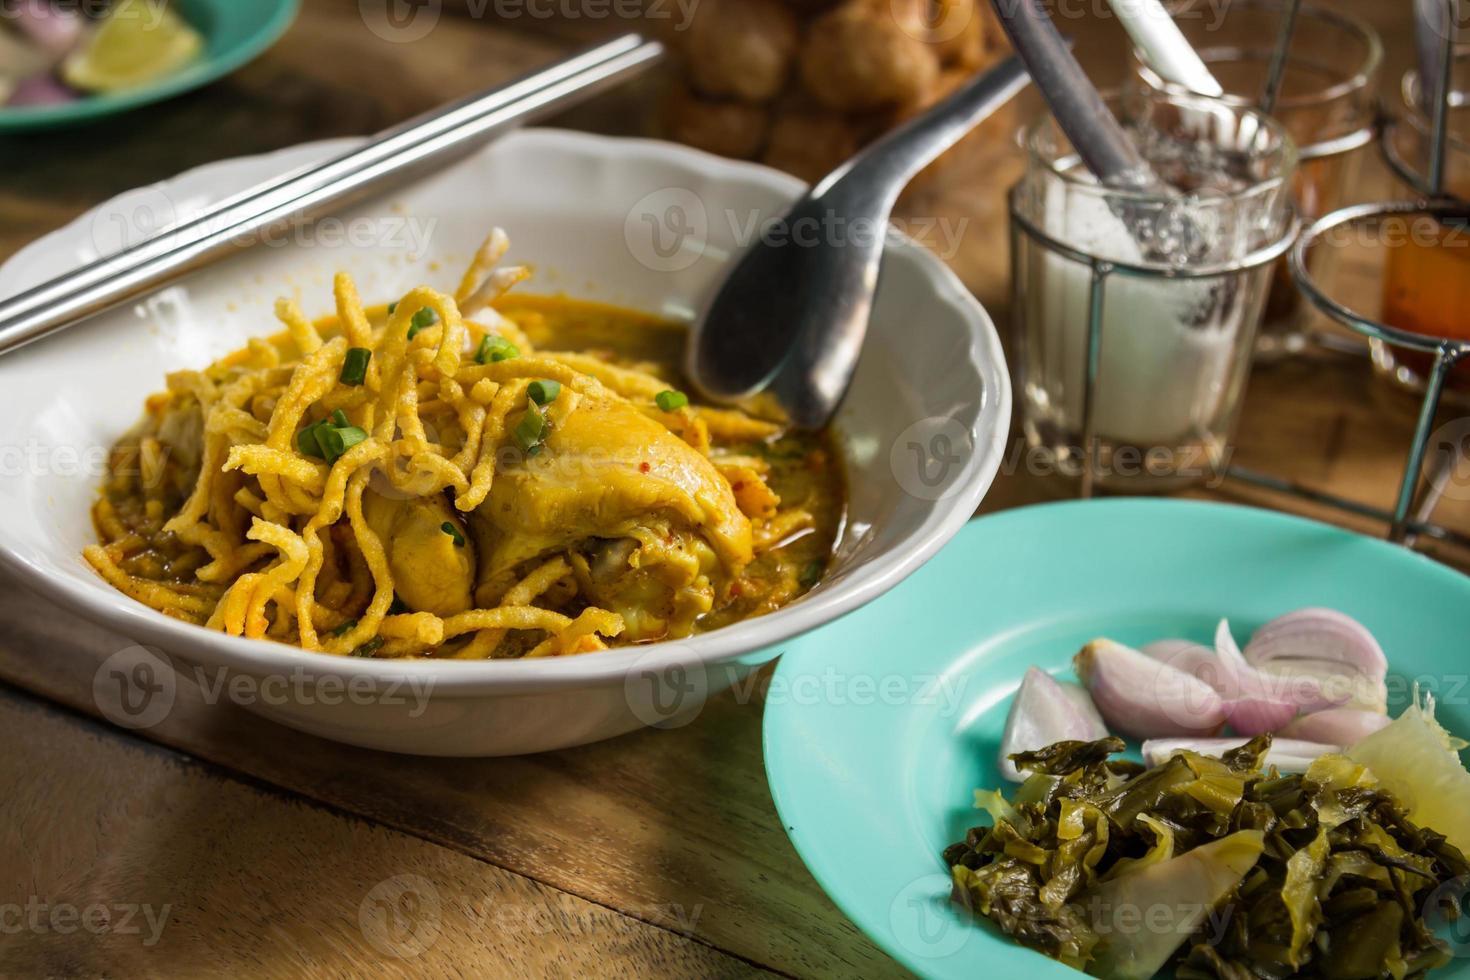 sopa de curry de fideos tailandeses del norte (khao soi) cocina tailandesa del norte, foto